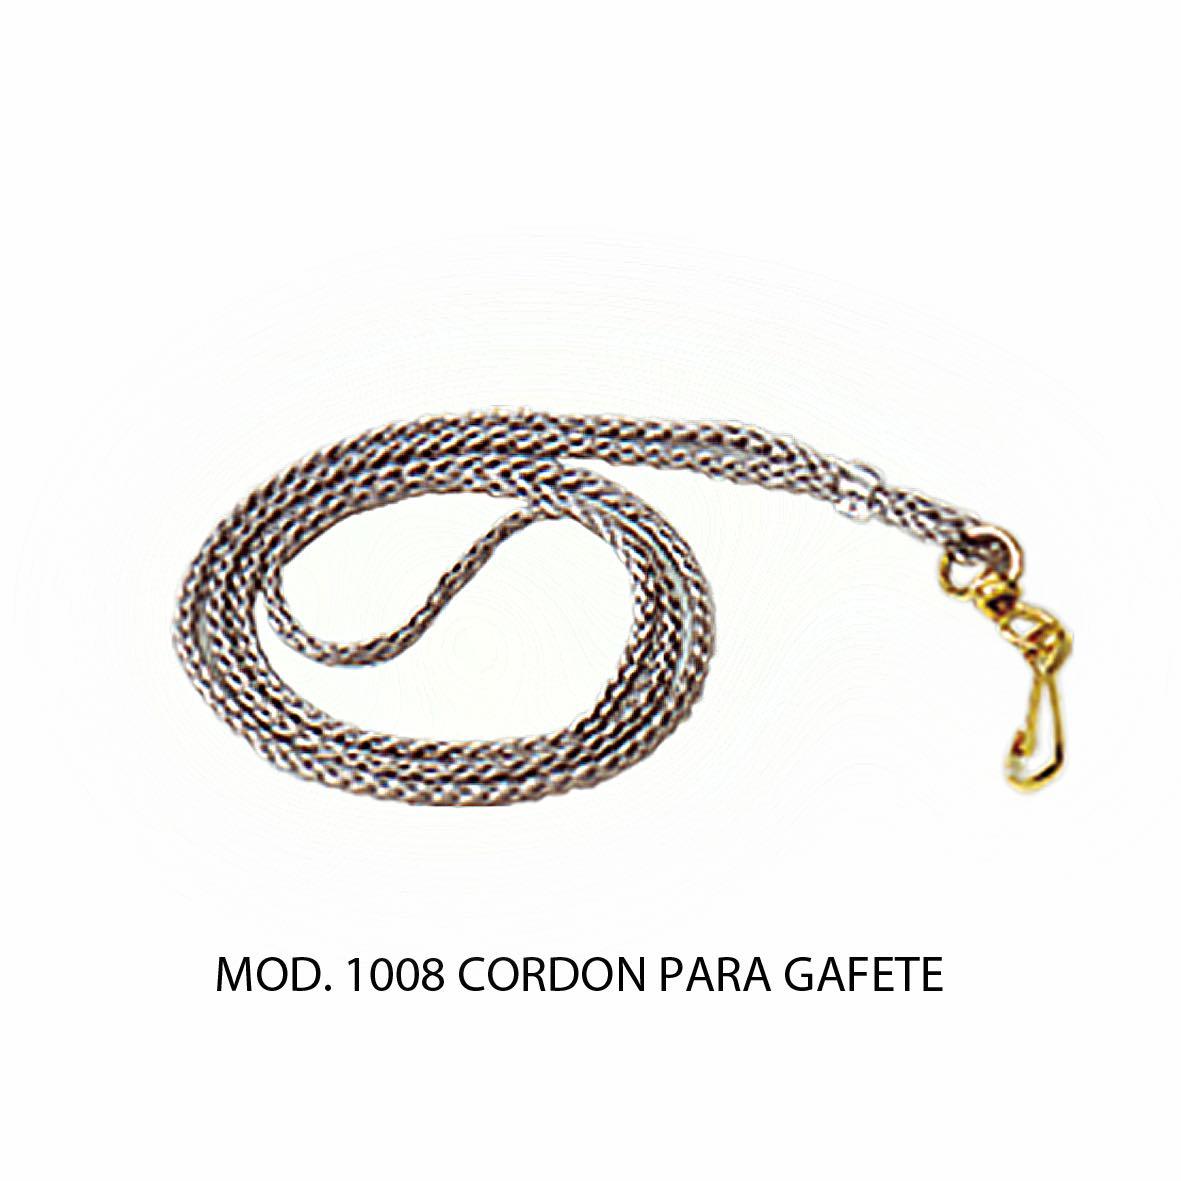 Cordon para Gafete Modelo 1008 - Sablón